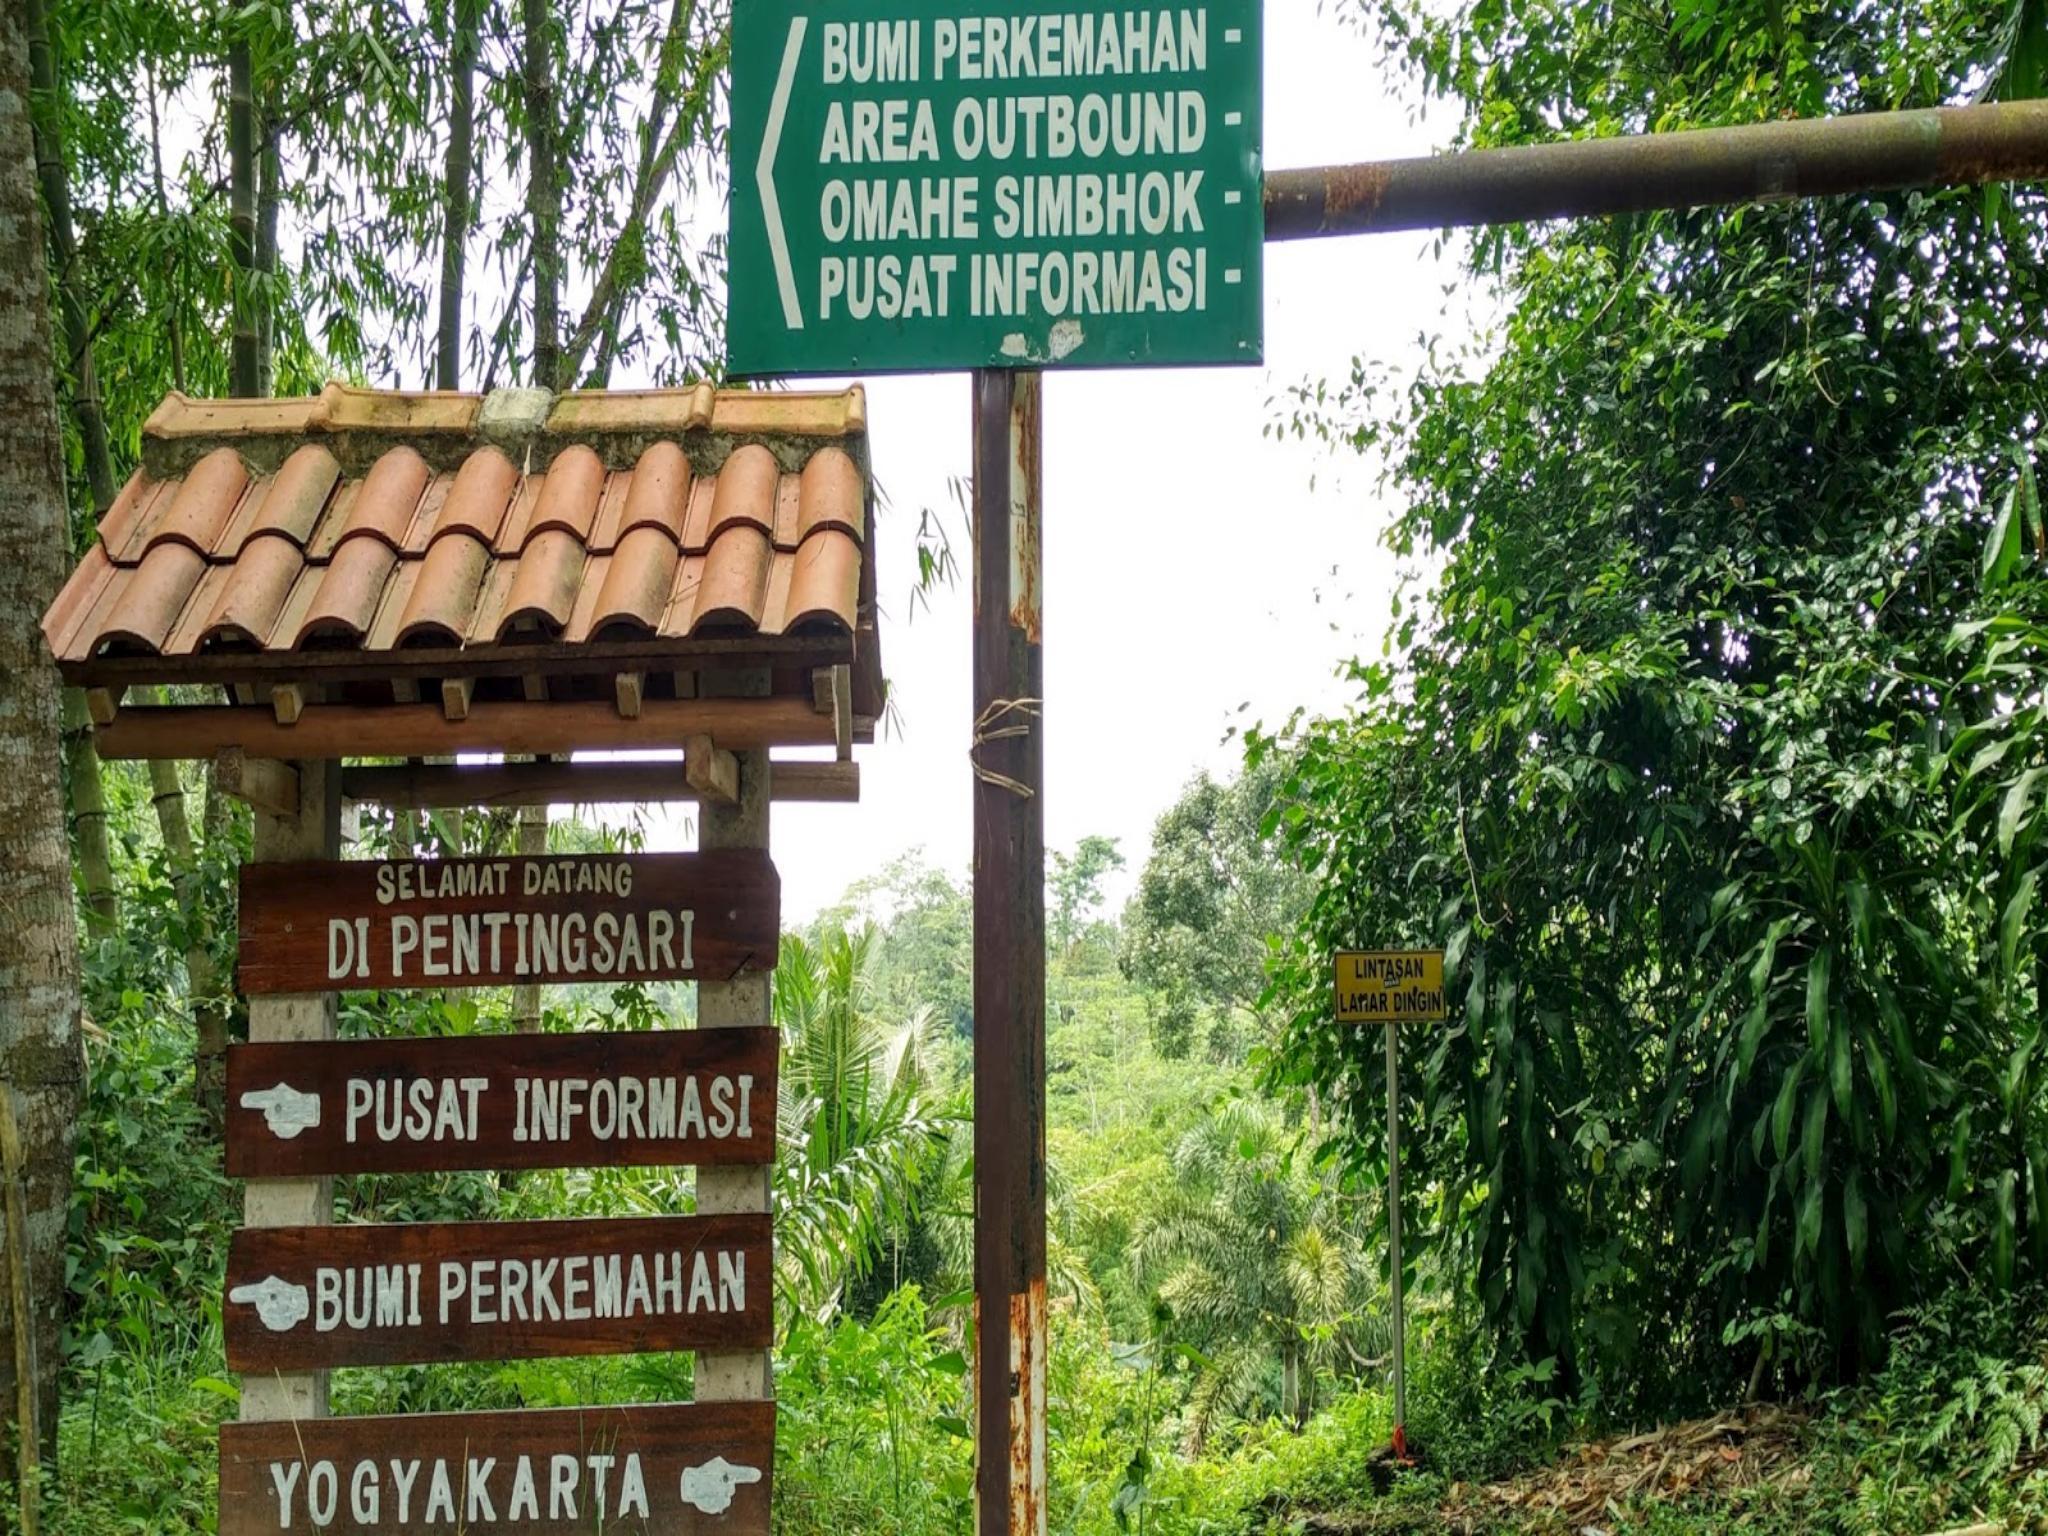 Desa Wisata Pentingsari 2BR House 16 Fullboard